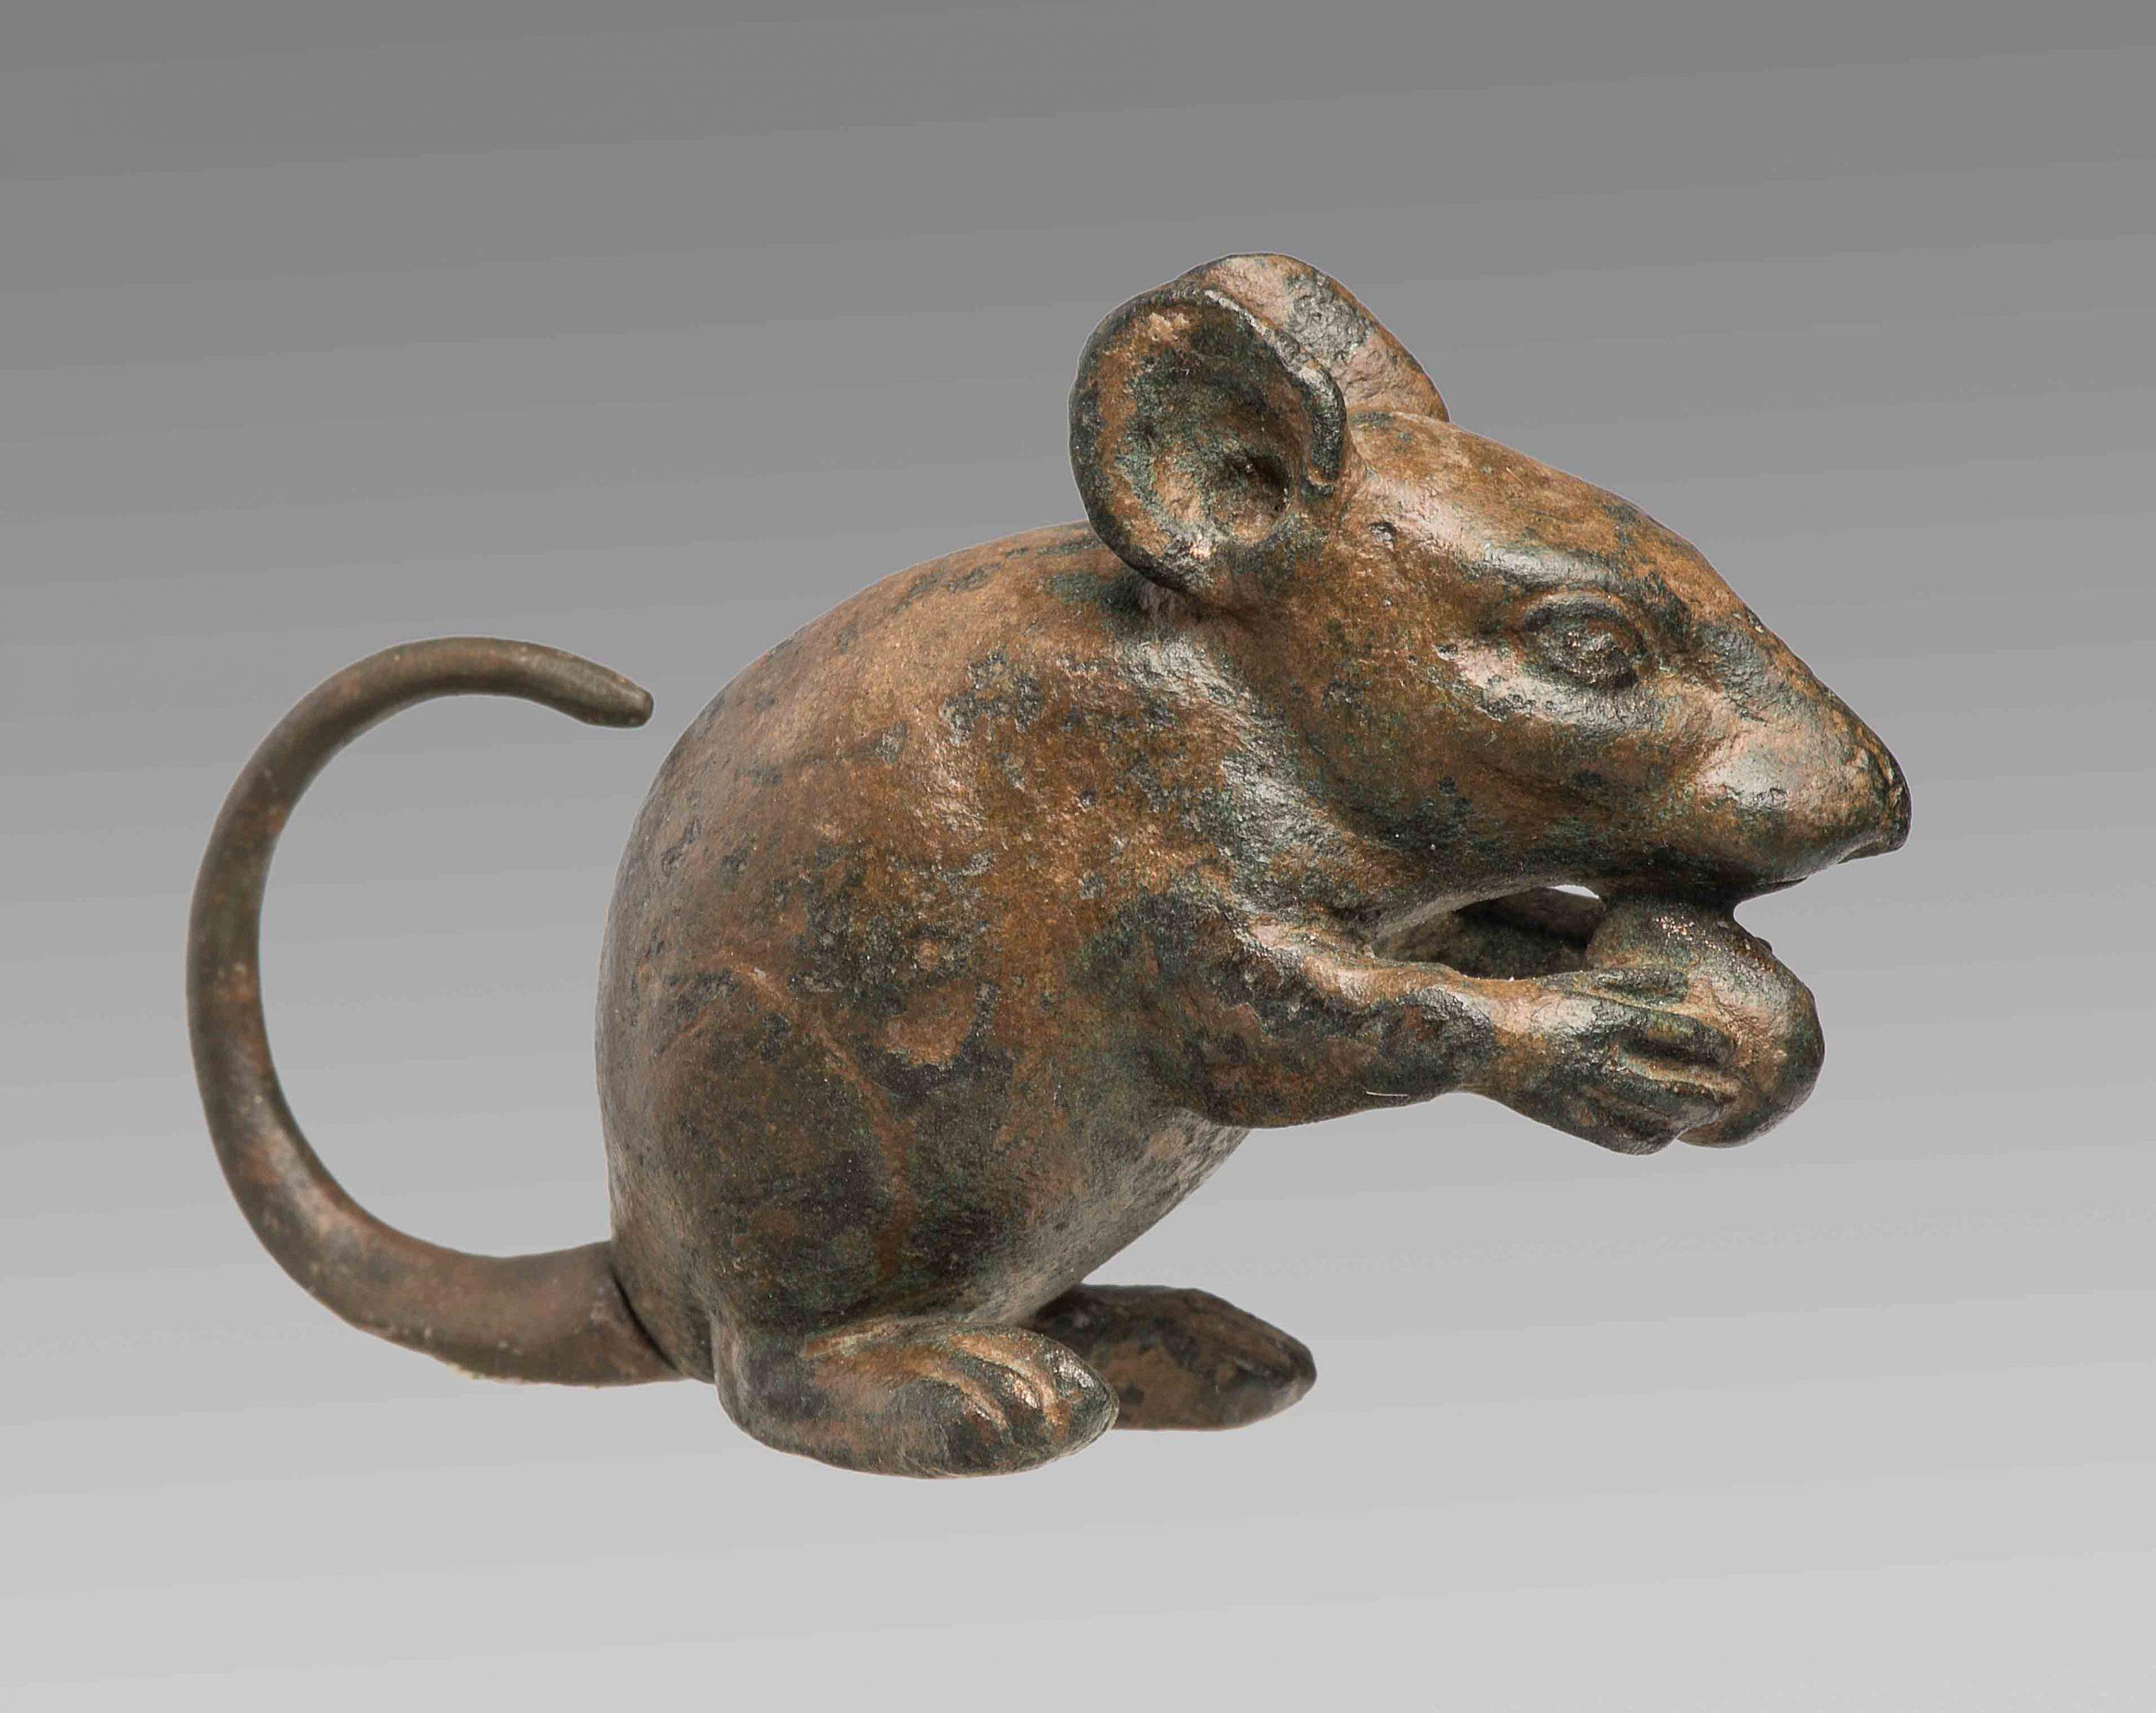 Statuette einer Maus, Bronze, römisch, Staatliche Antikensammlung München © Staatliche Antikensammlungen und Glyptothek München, Foto: Renate Kühling